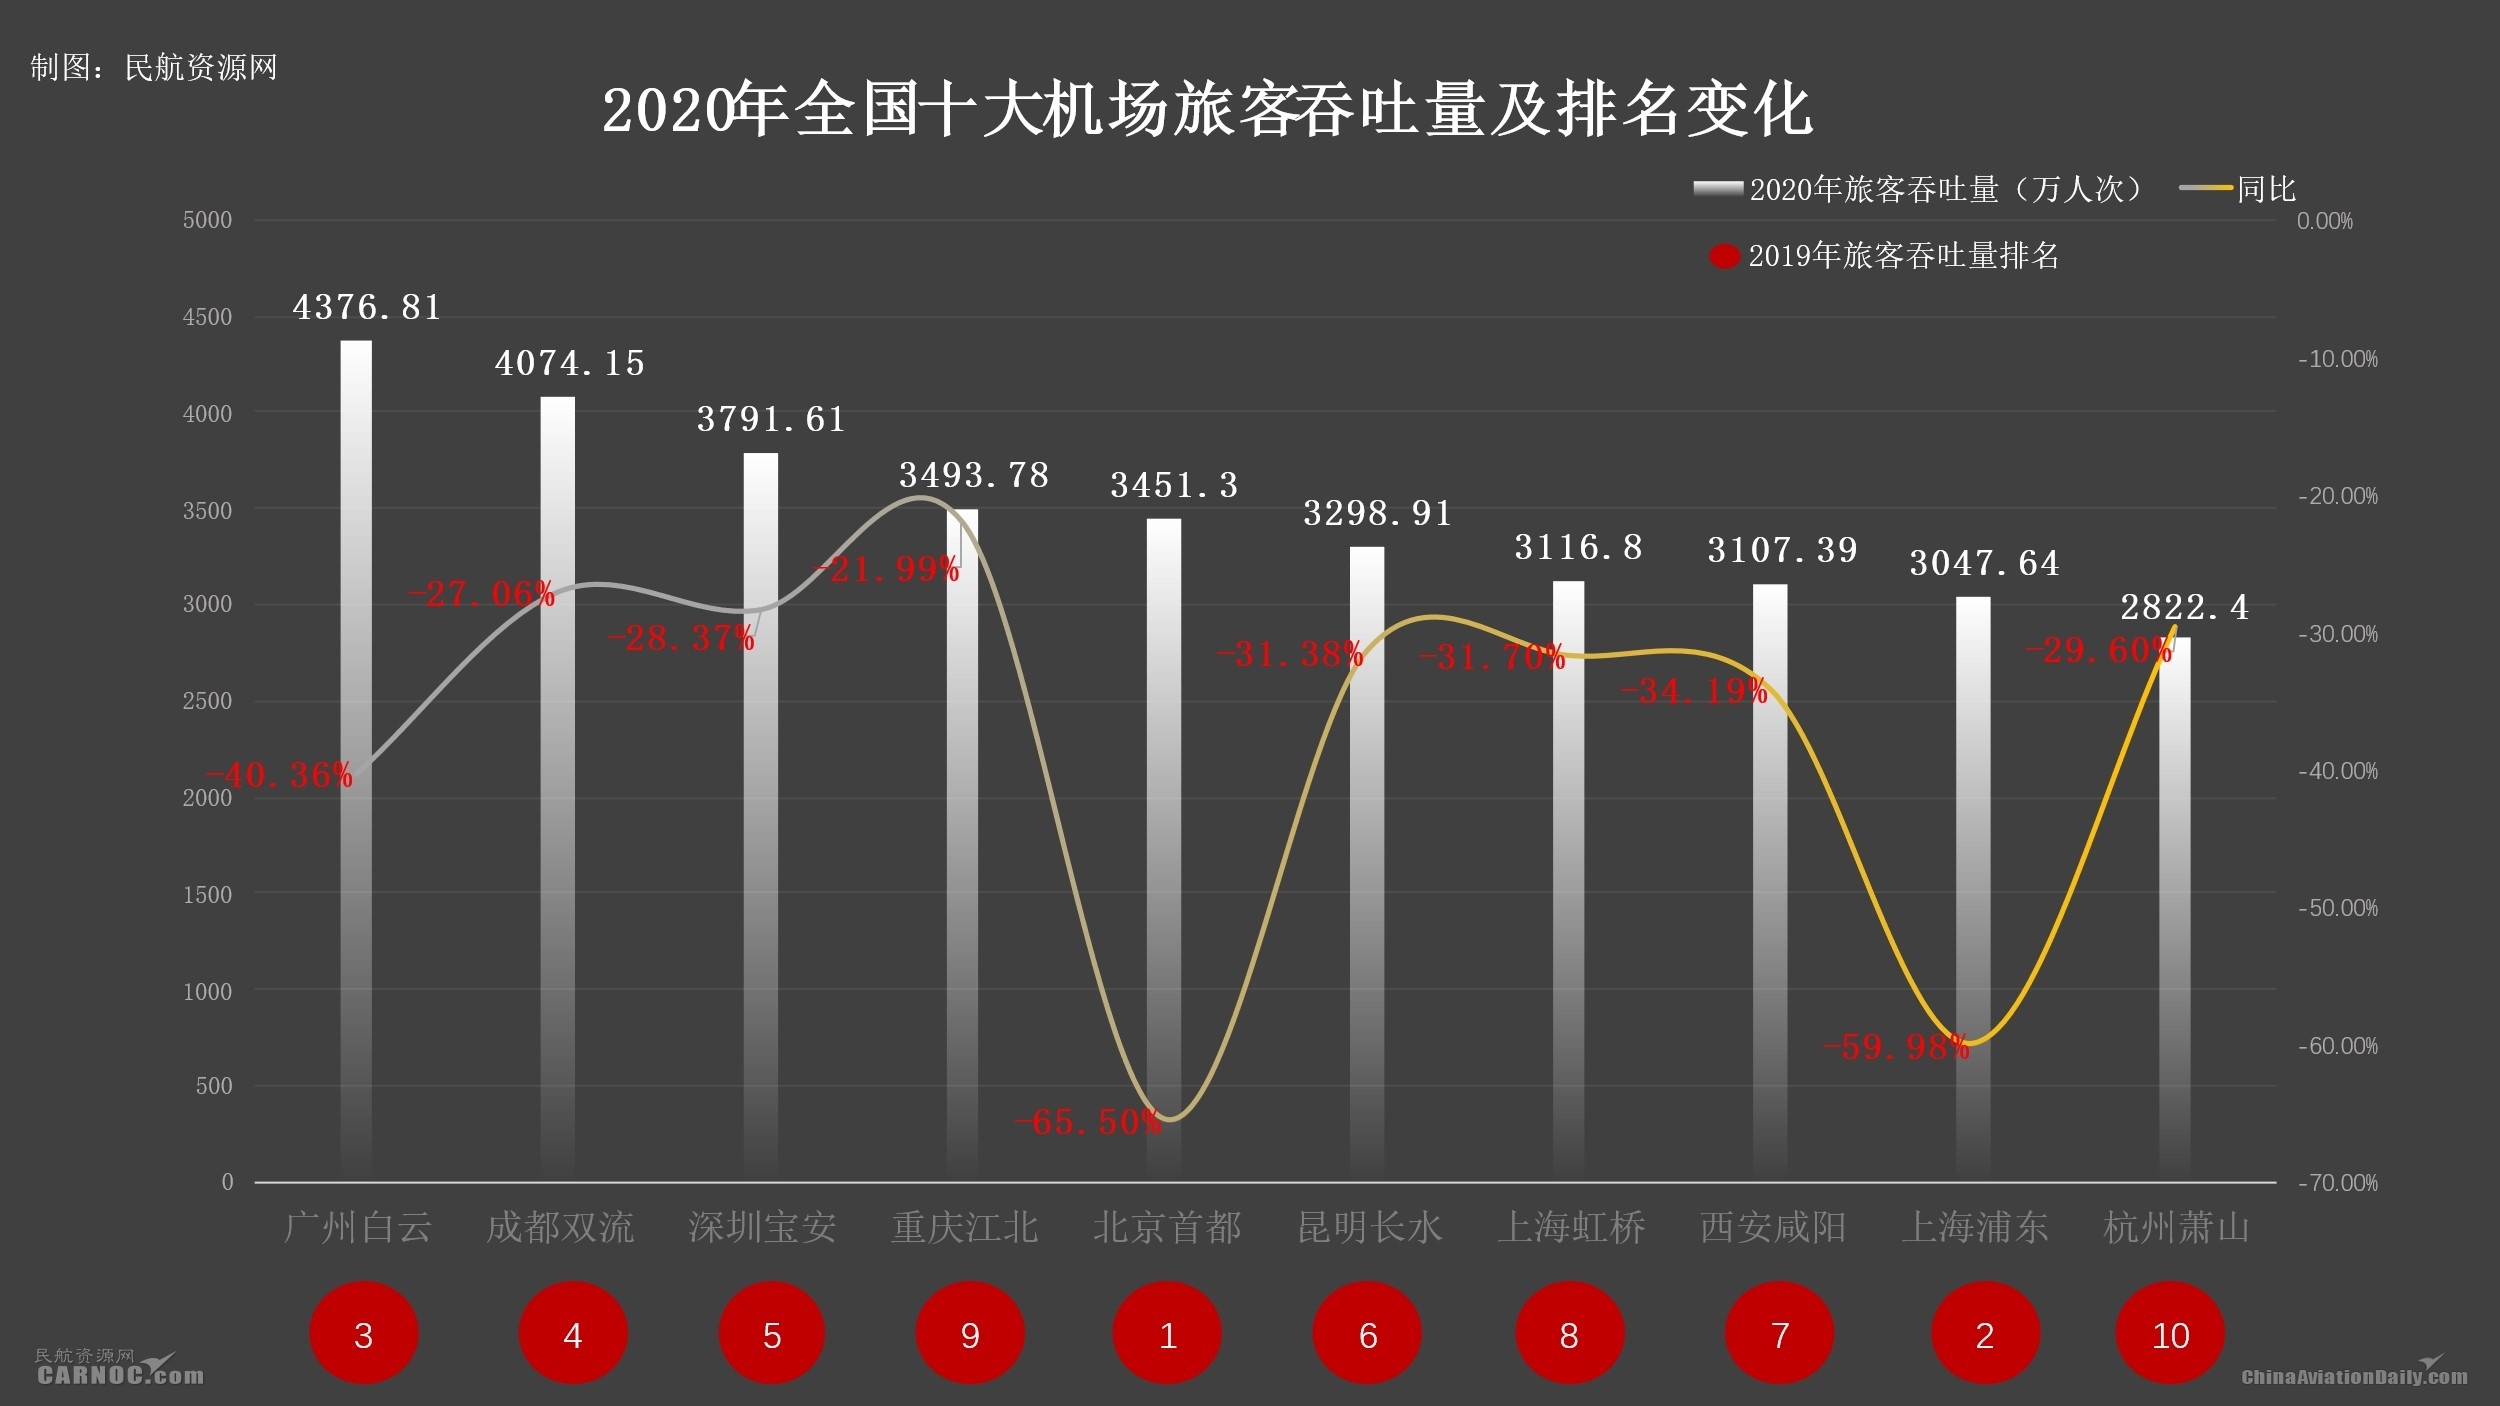 2020gdp全国机场吞吐量排名_gdp排名2020全国排名